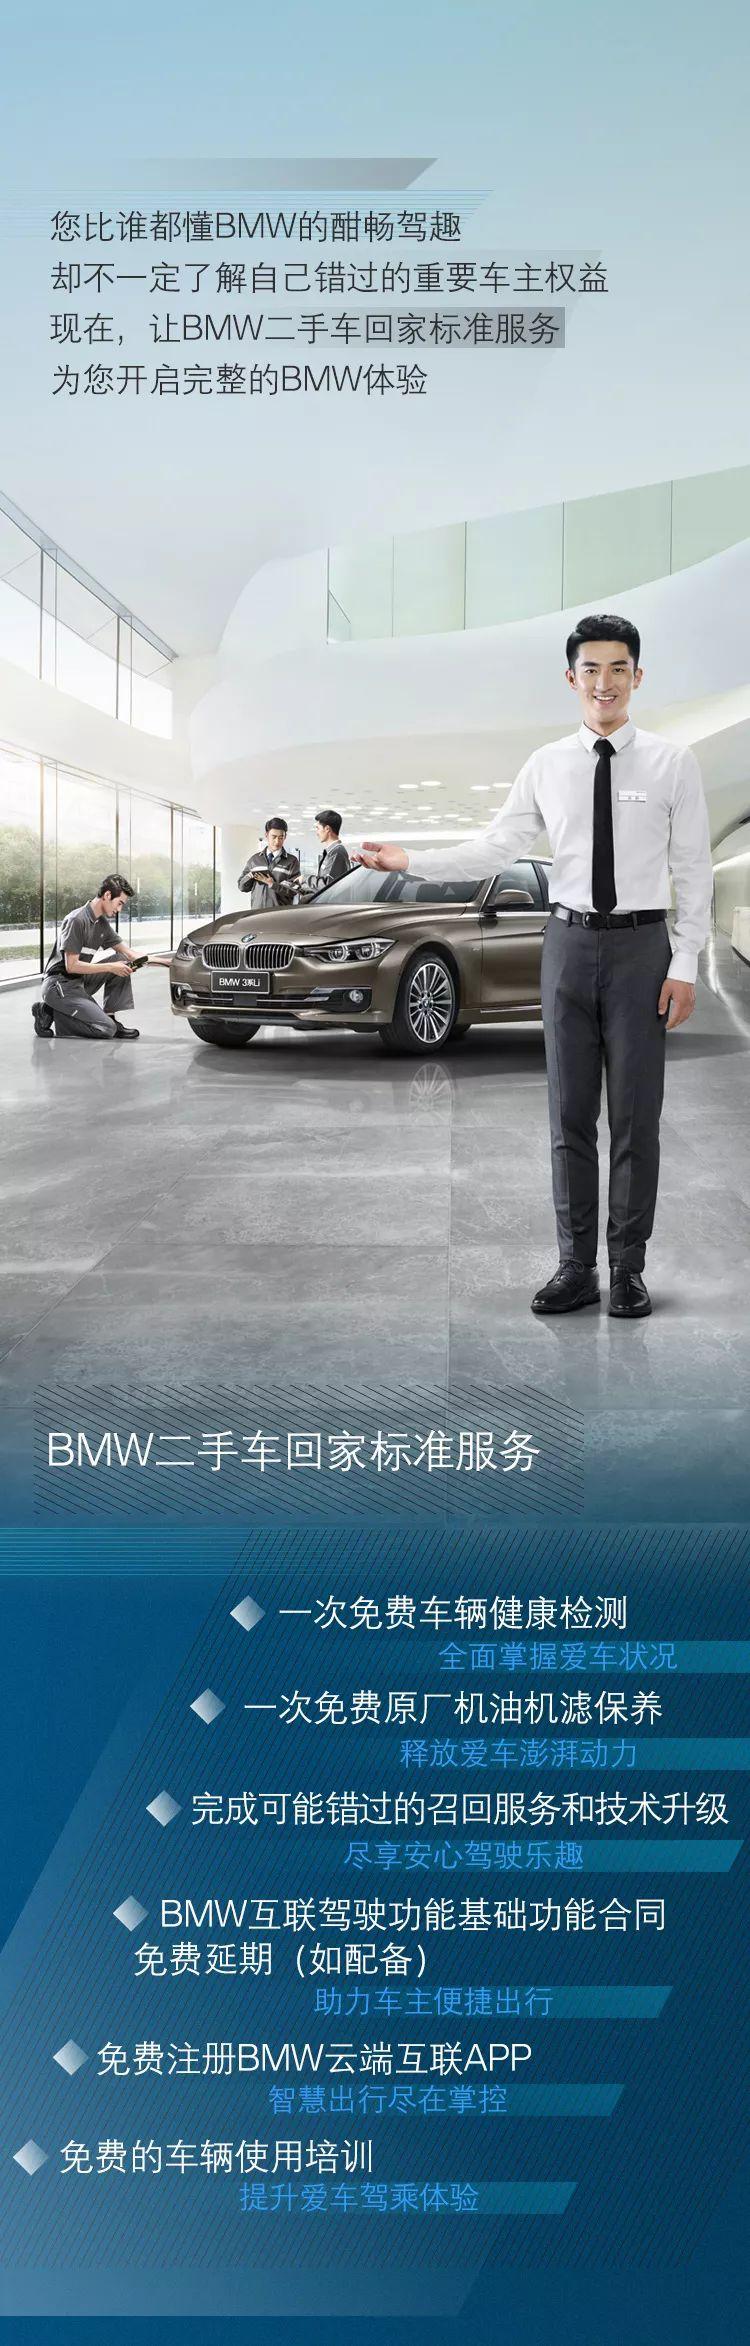 宁波宝昌BMW官方认证二手车外展诚邀品鉴